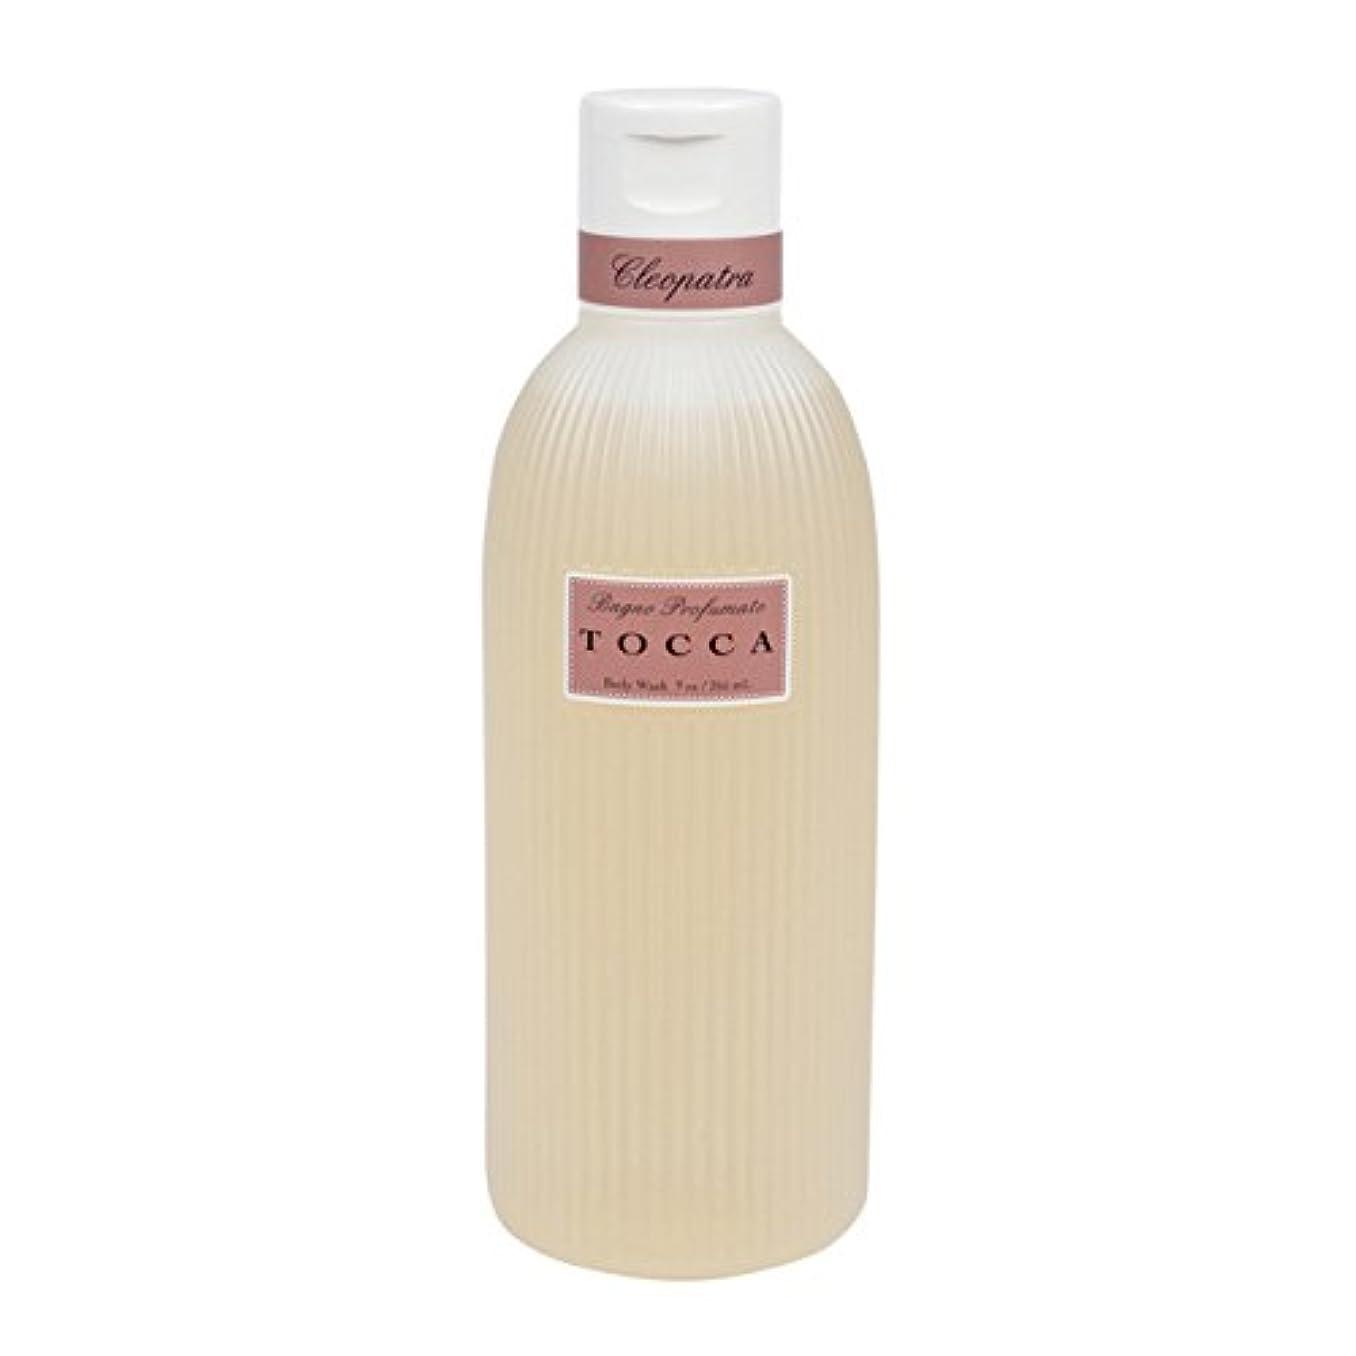 立派な油経度トッカ(TOCCA) ボディーケアウォッシュ クレオパトラの香り 266ml(全身用洗浄料 ボディーソープ グレープフルーツとキューカンバーのフレッシュでクリーンな香り)